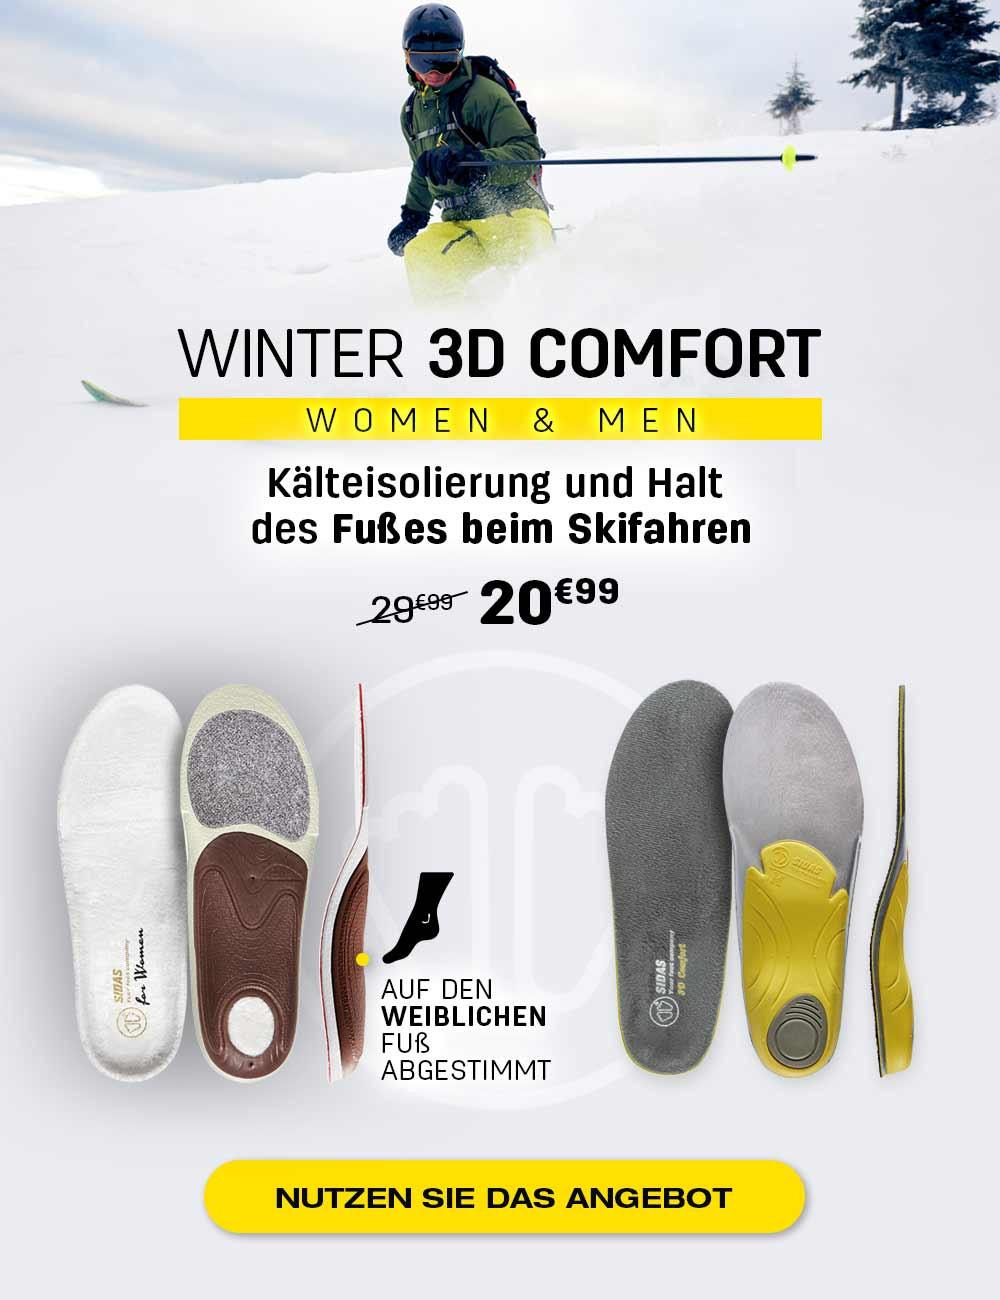 Kälteisolierung und Halt des Fußes beim Skifahren